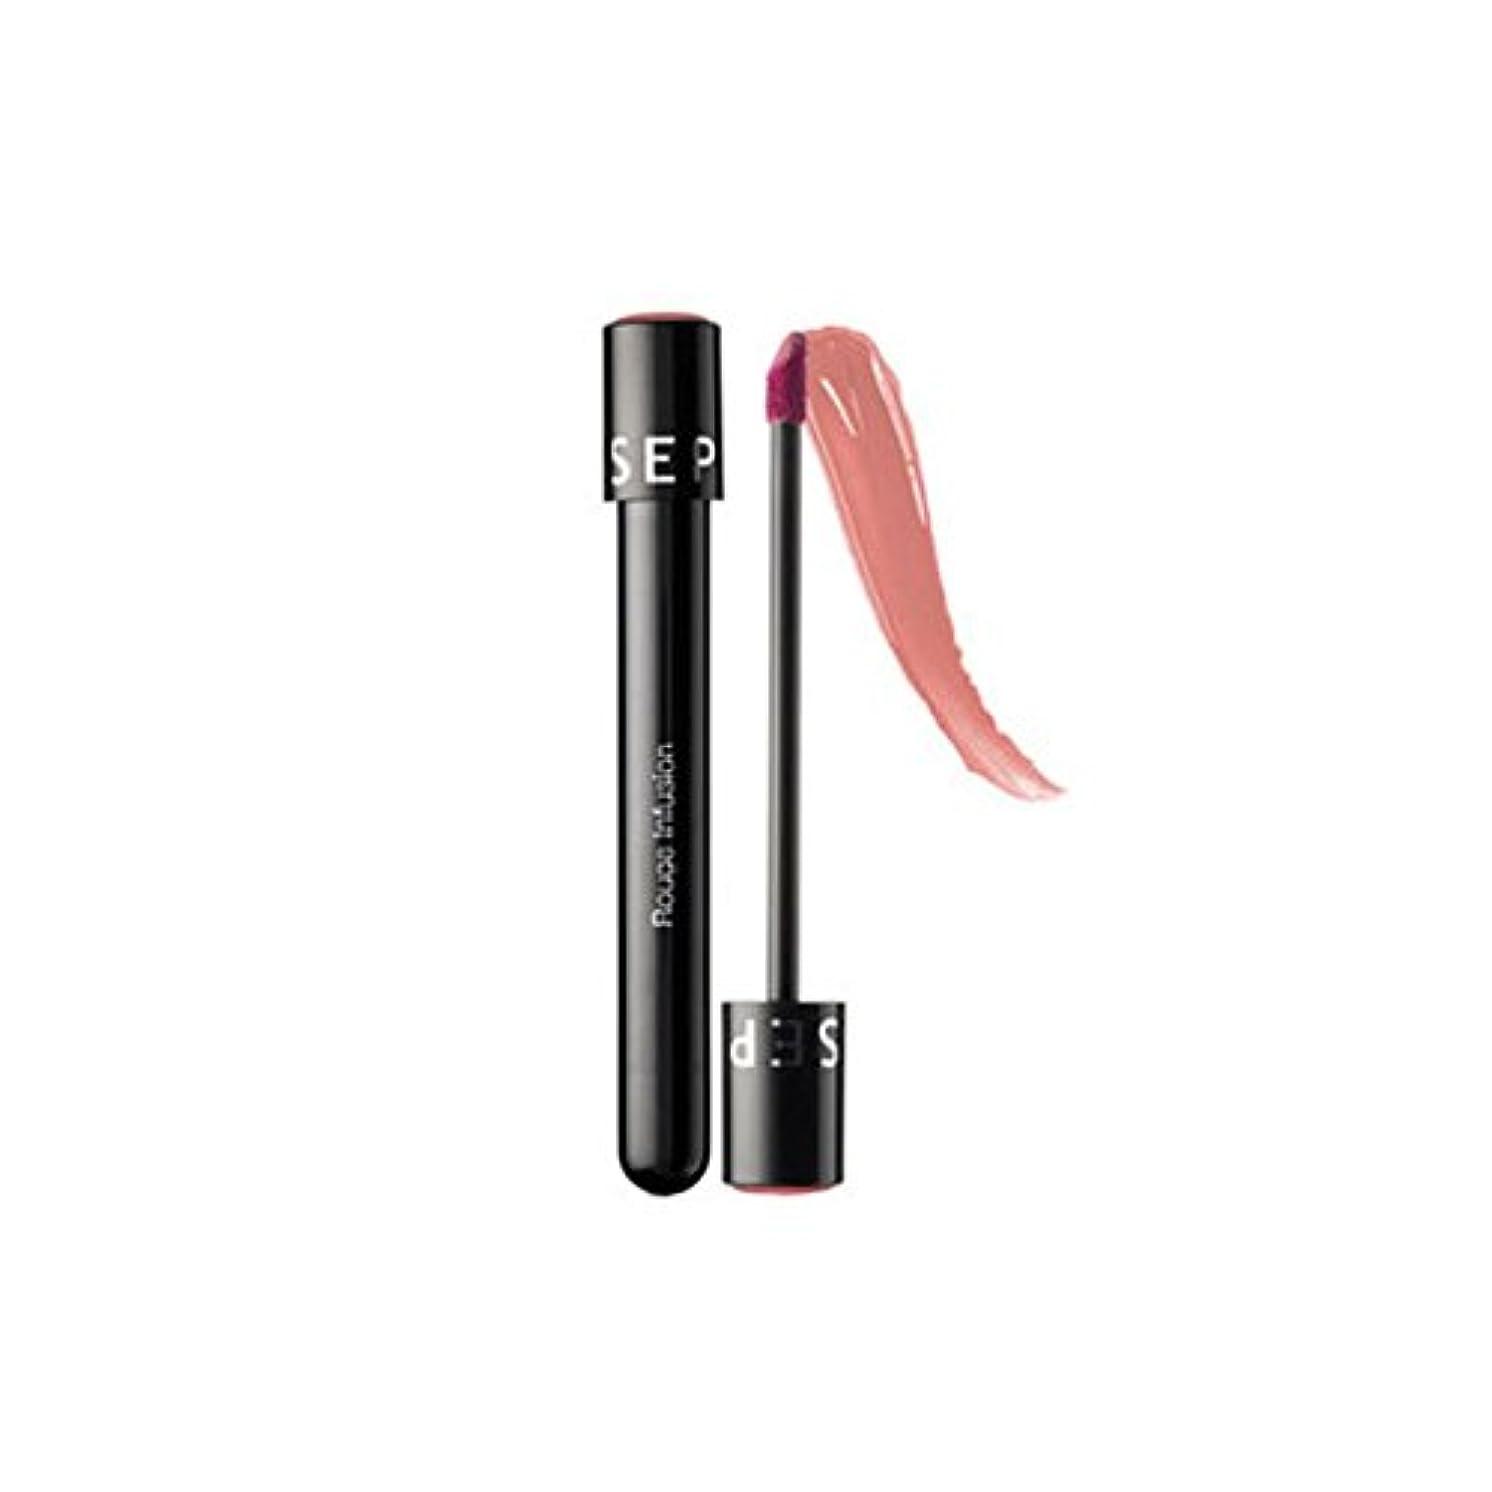 追い越す工業用資格SEPHORA COLLECTION ルージュリップステイン輸液- Petal, Rouge Infusion Lip Stain, 0.152 oz / 4.3g [並行輸入品] [海外直送品]